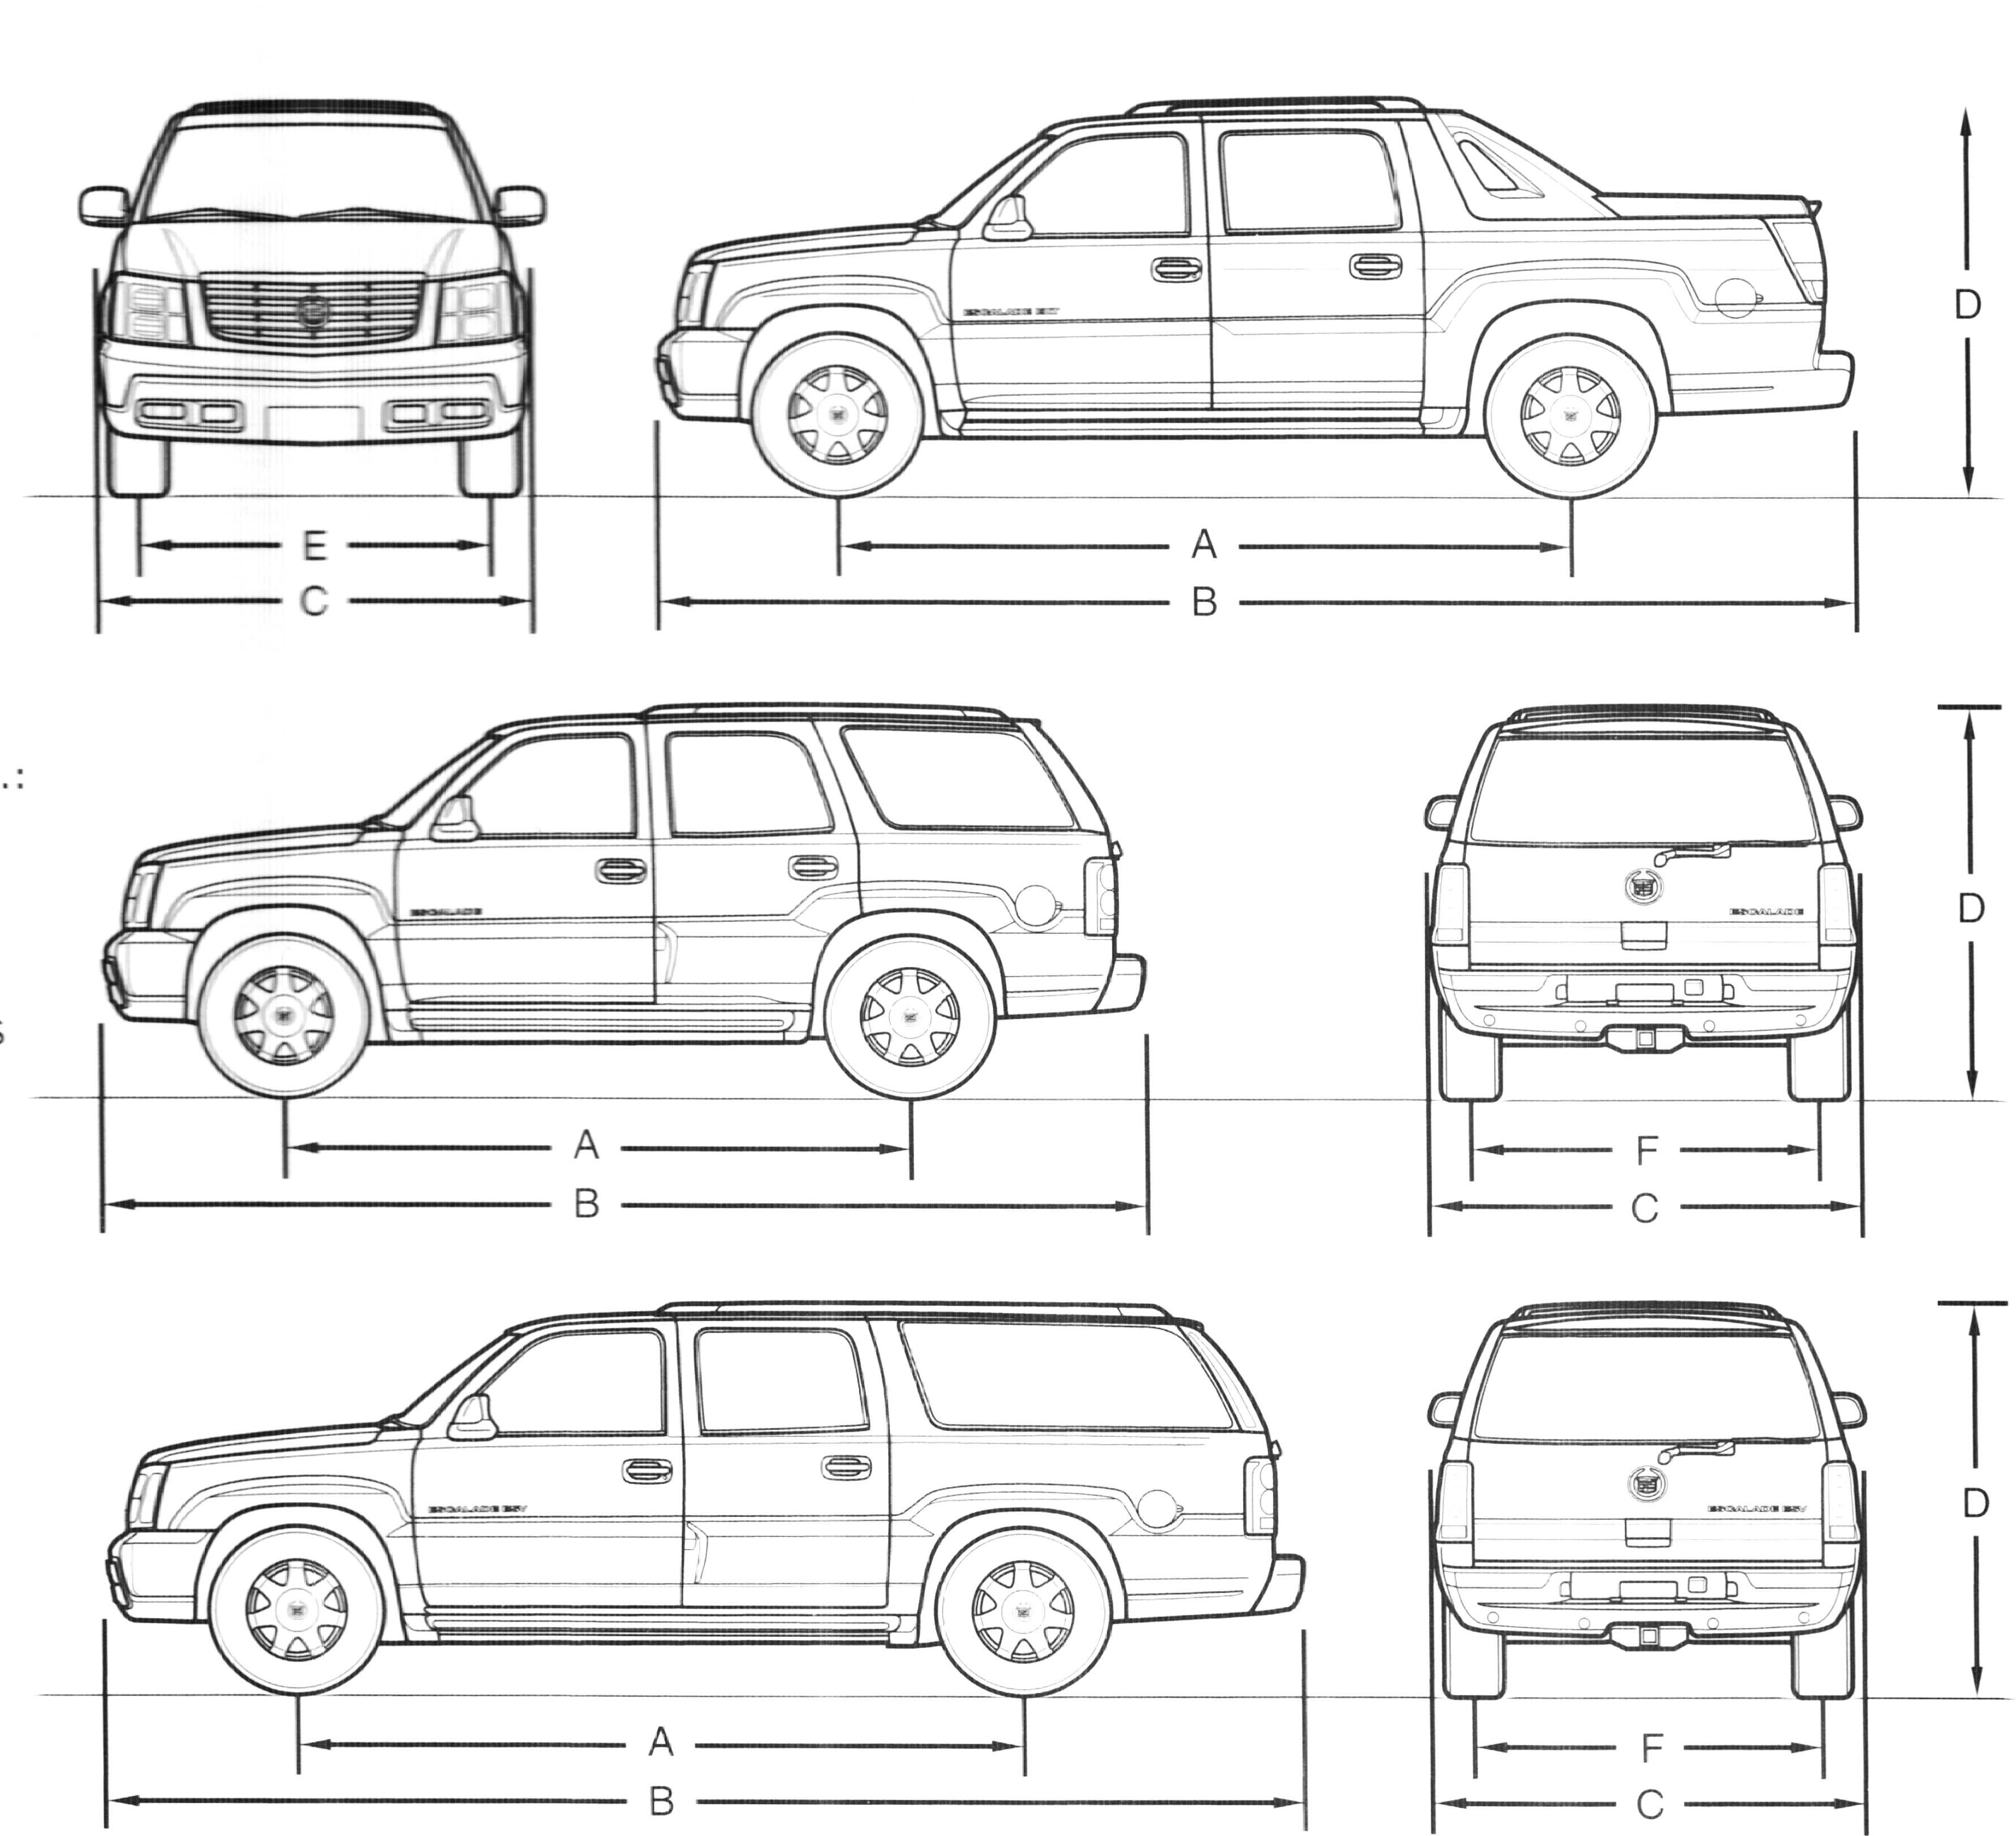 Cadillac Escalade blueprint